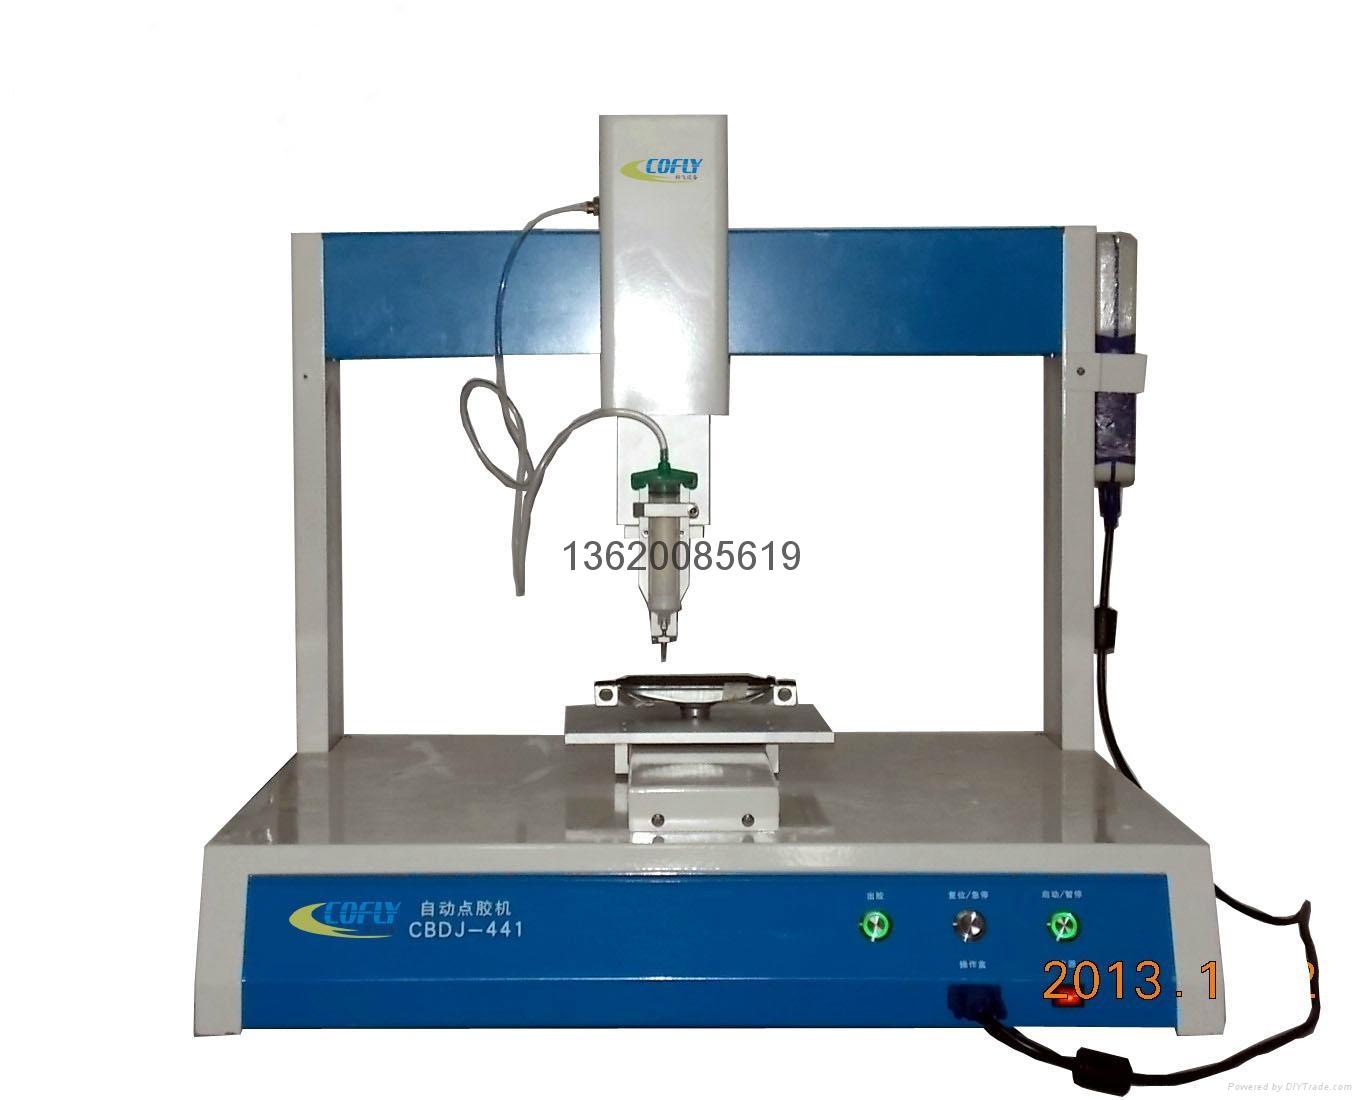 厂家供应三轴自动点胶机涂胶机手持式控制面板 3